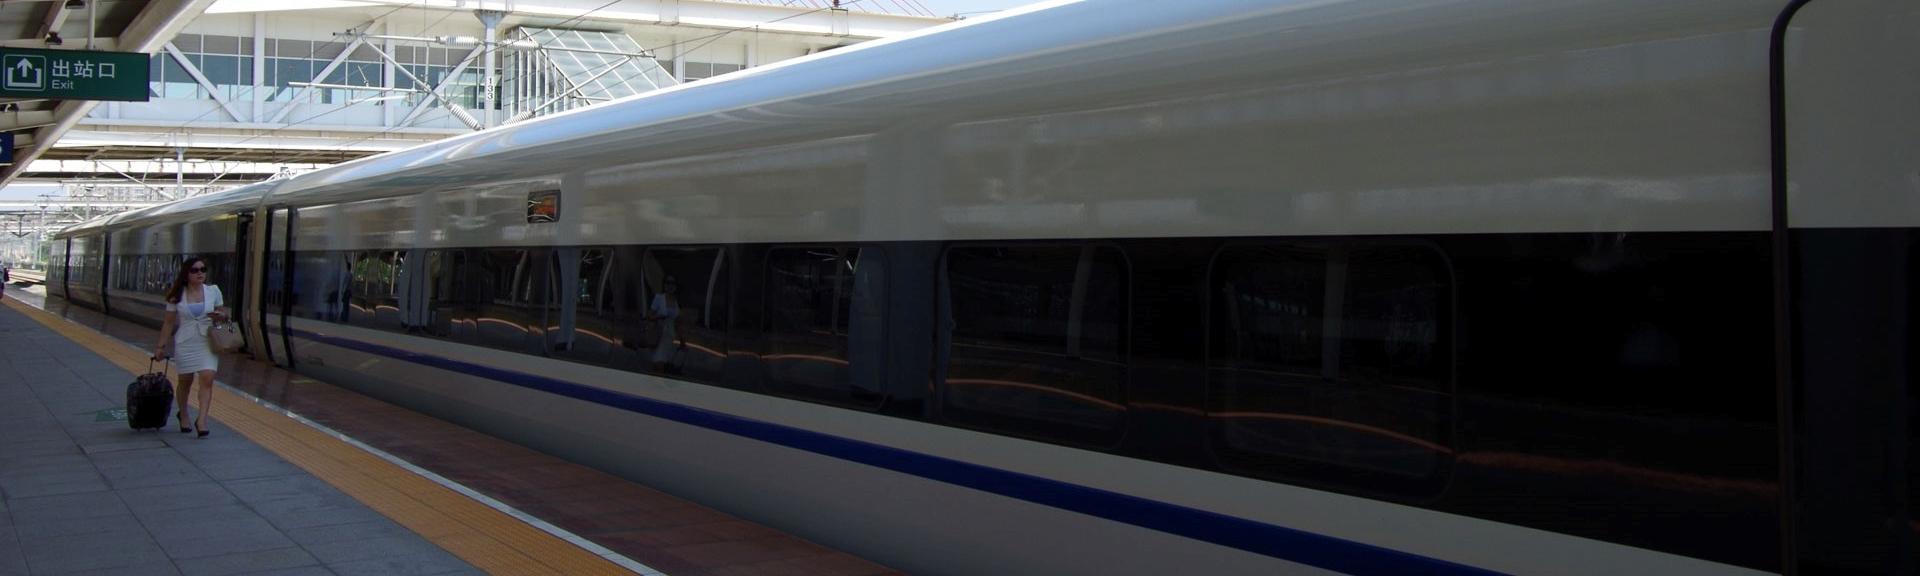 Çin'de tren bileti nasıl alınır?